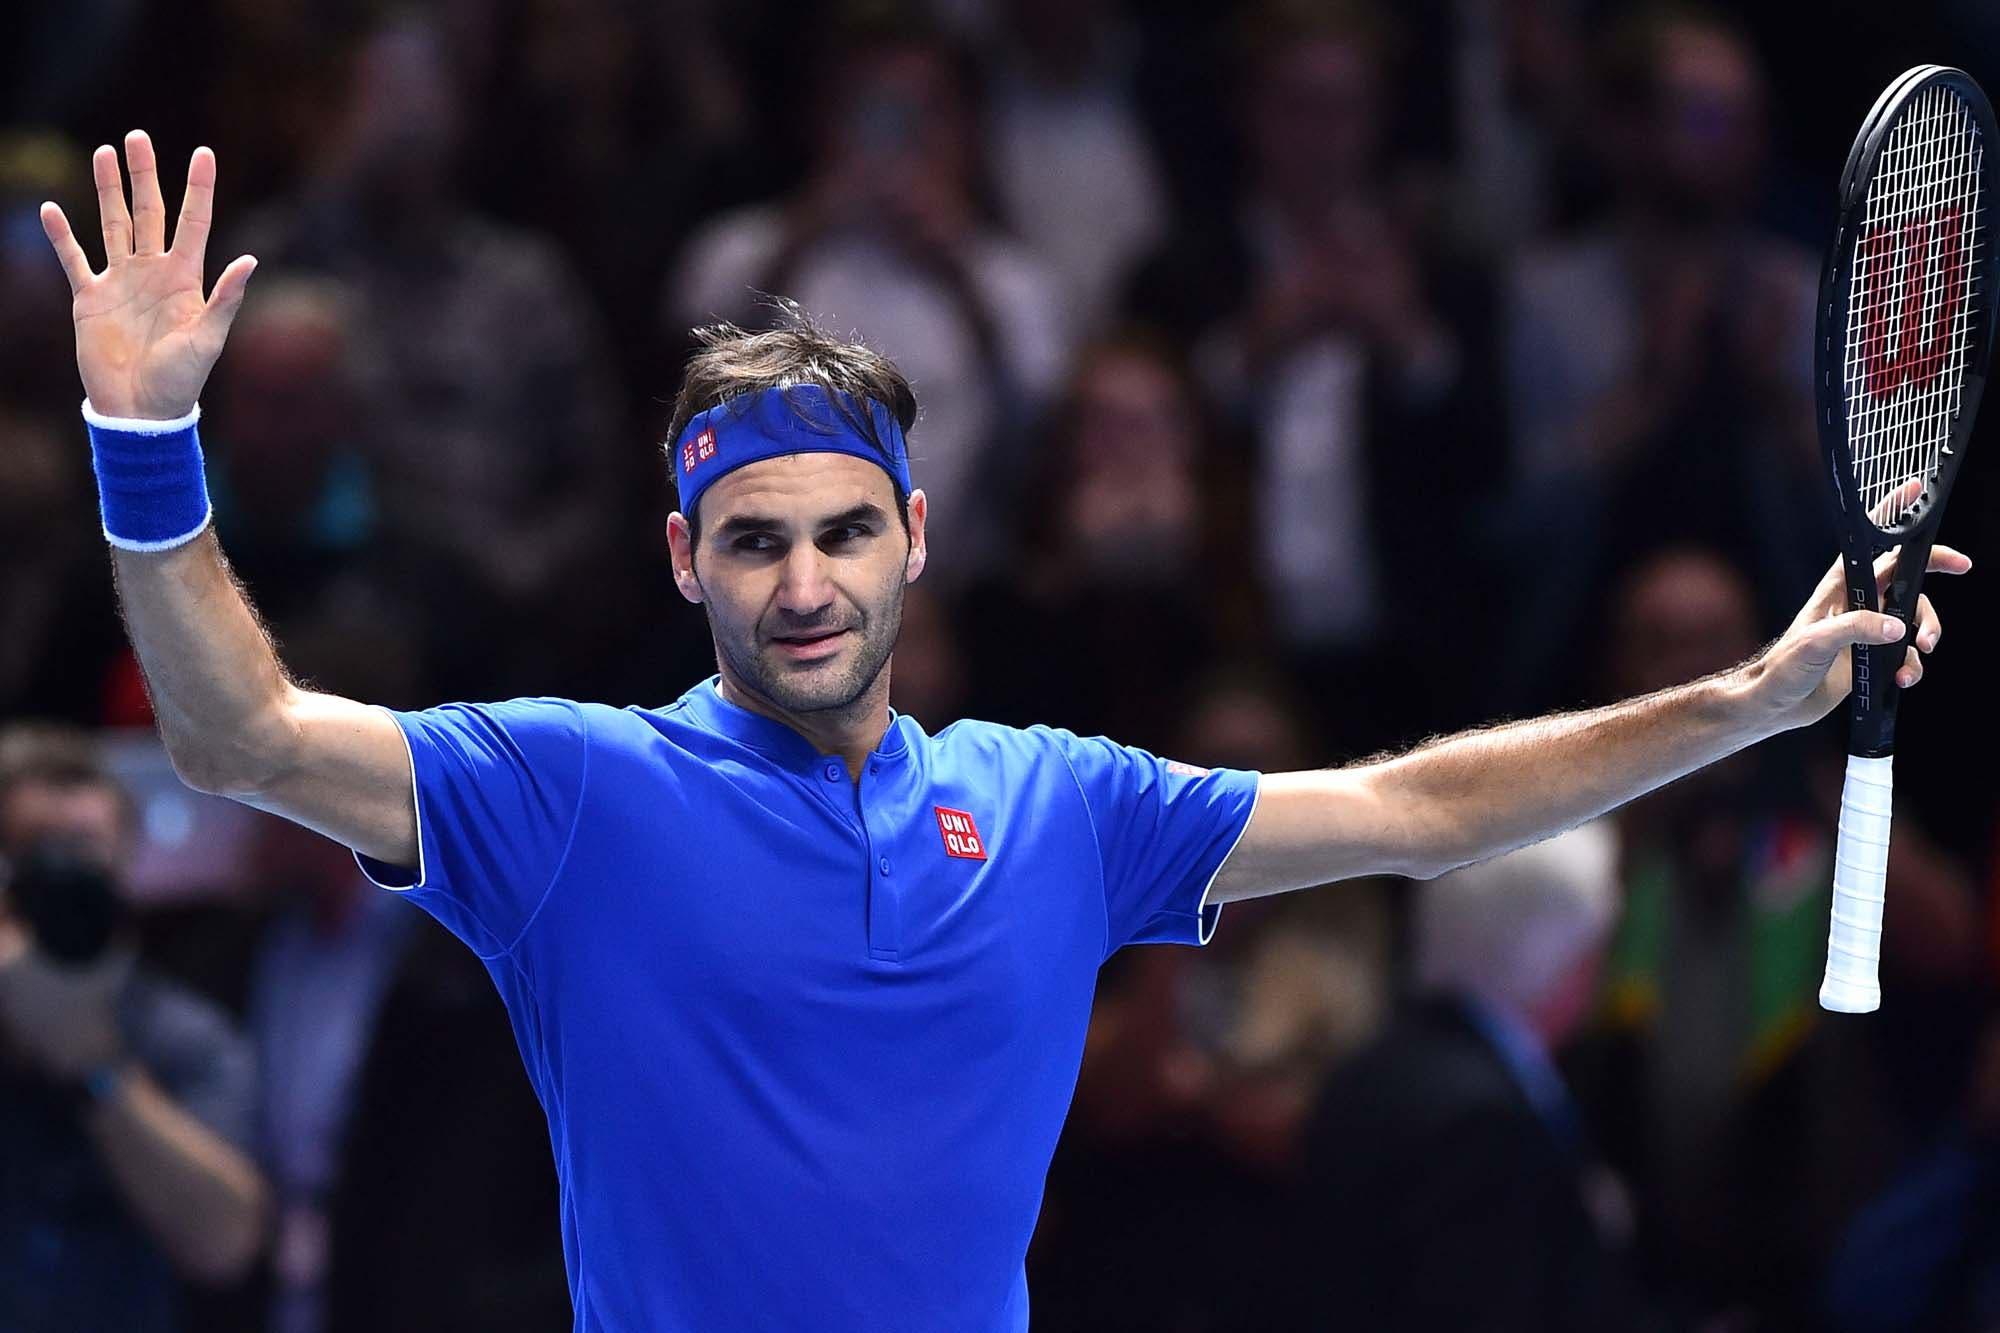 De nuevo entre los mejores: Federer venció a Anderson y se clasificó para las semifinales del Masters de Londres